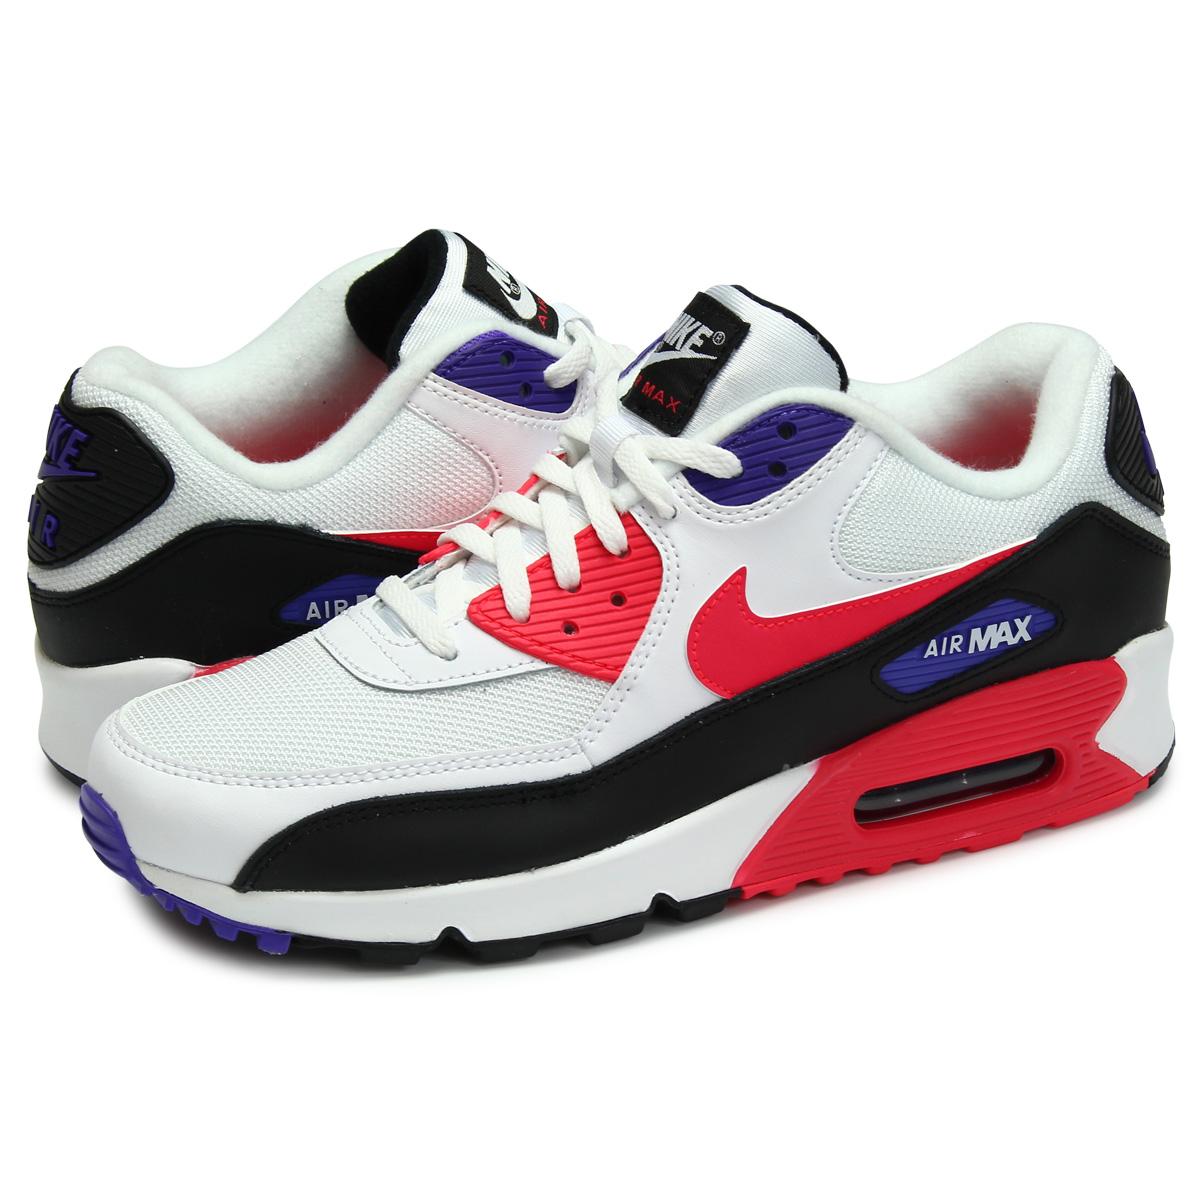 ALLSPORTS: Nike NIKE Air Max 90 essential sneakers men gap